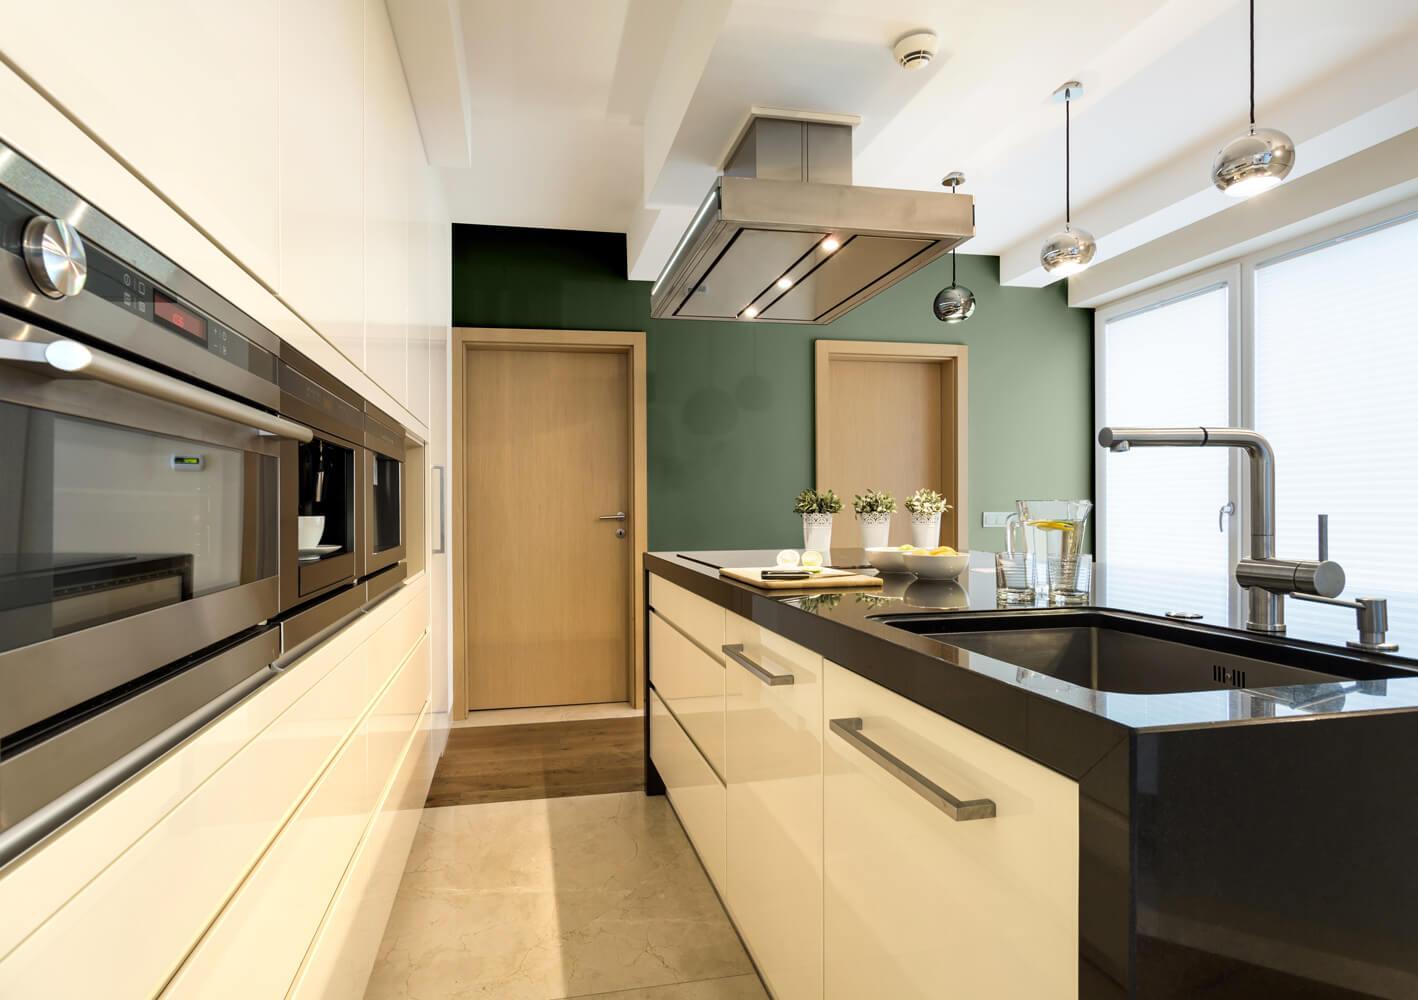 Waniliowe meble w kuchni jaki kolor ścian